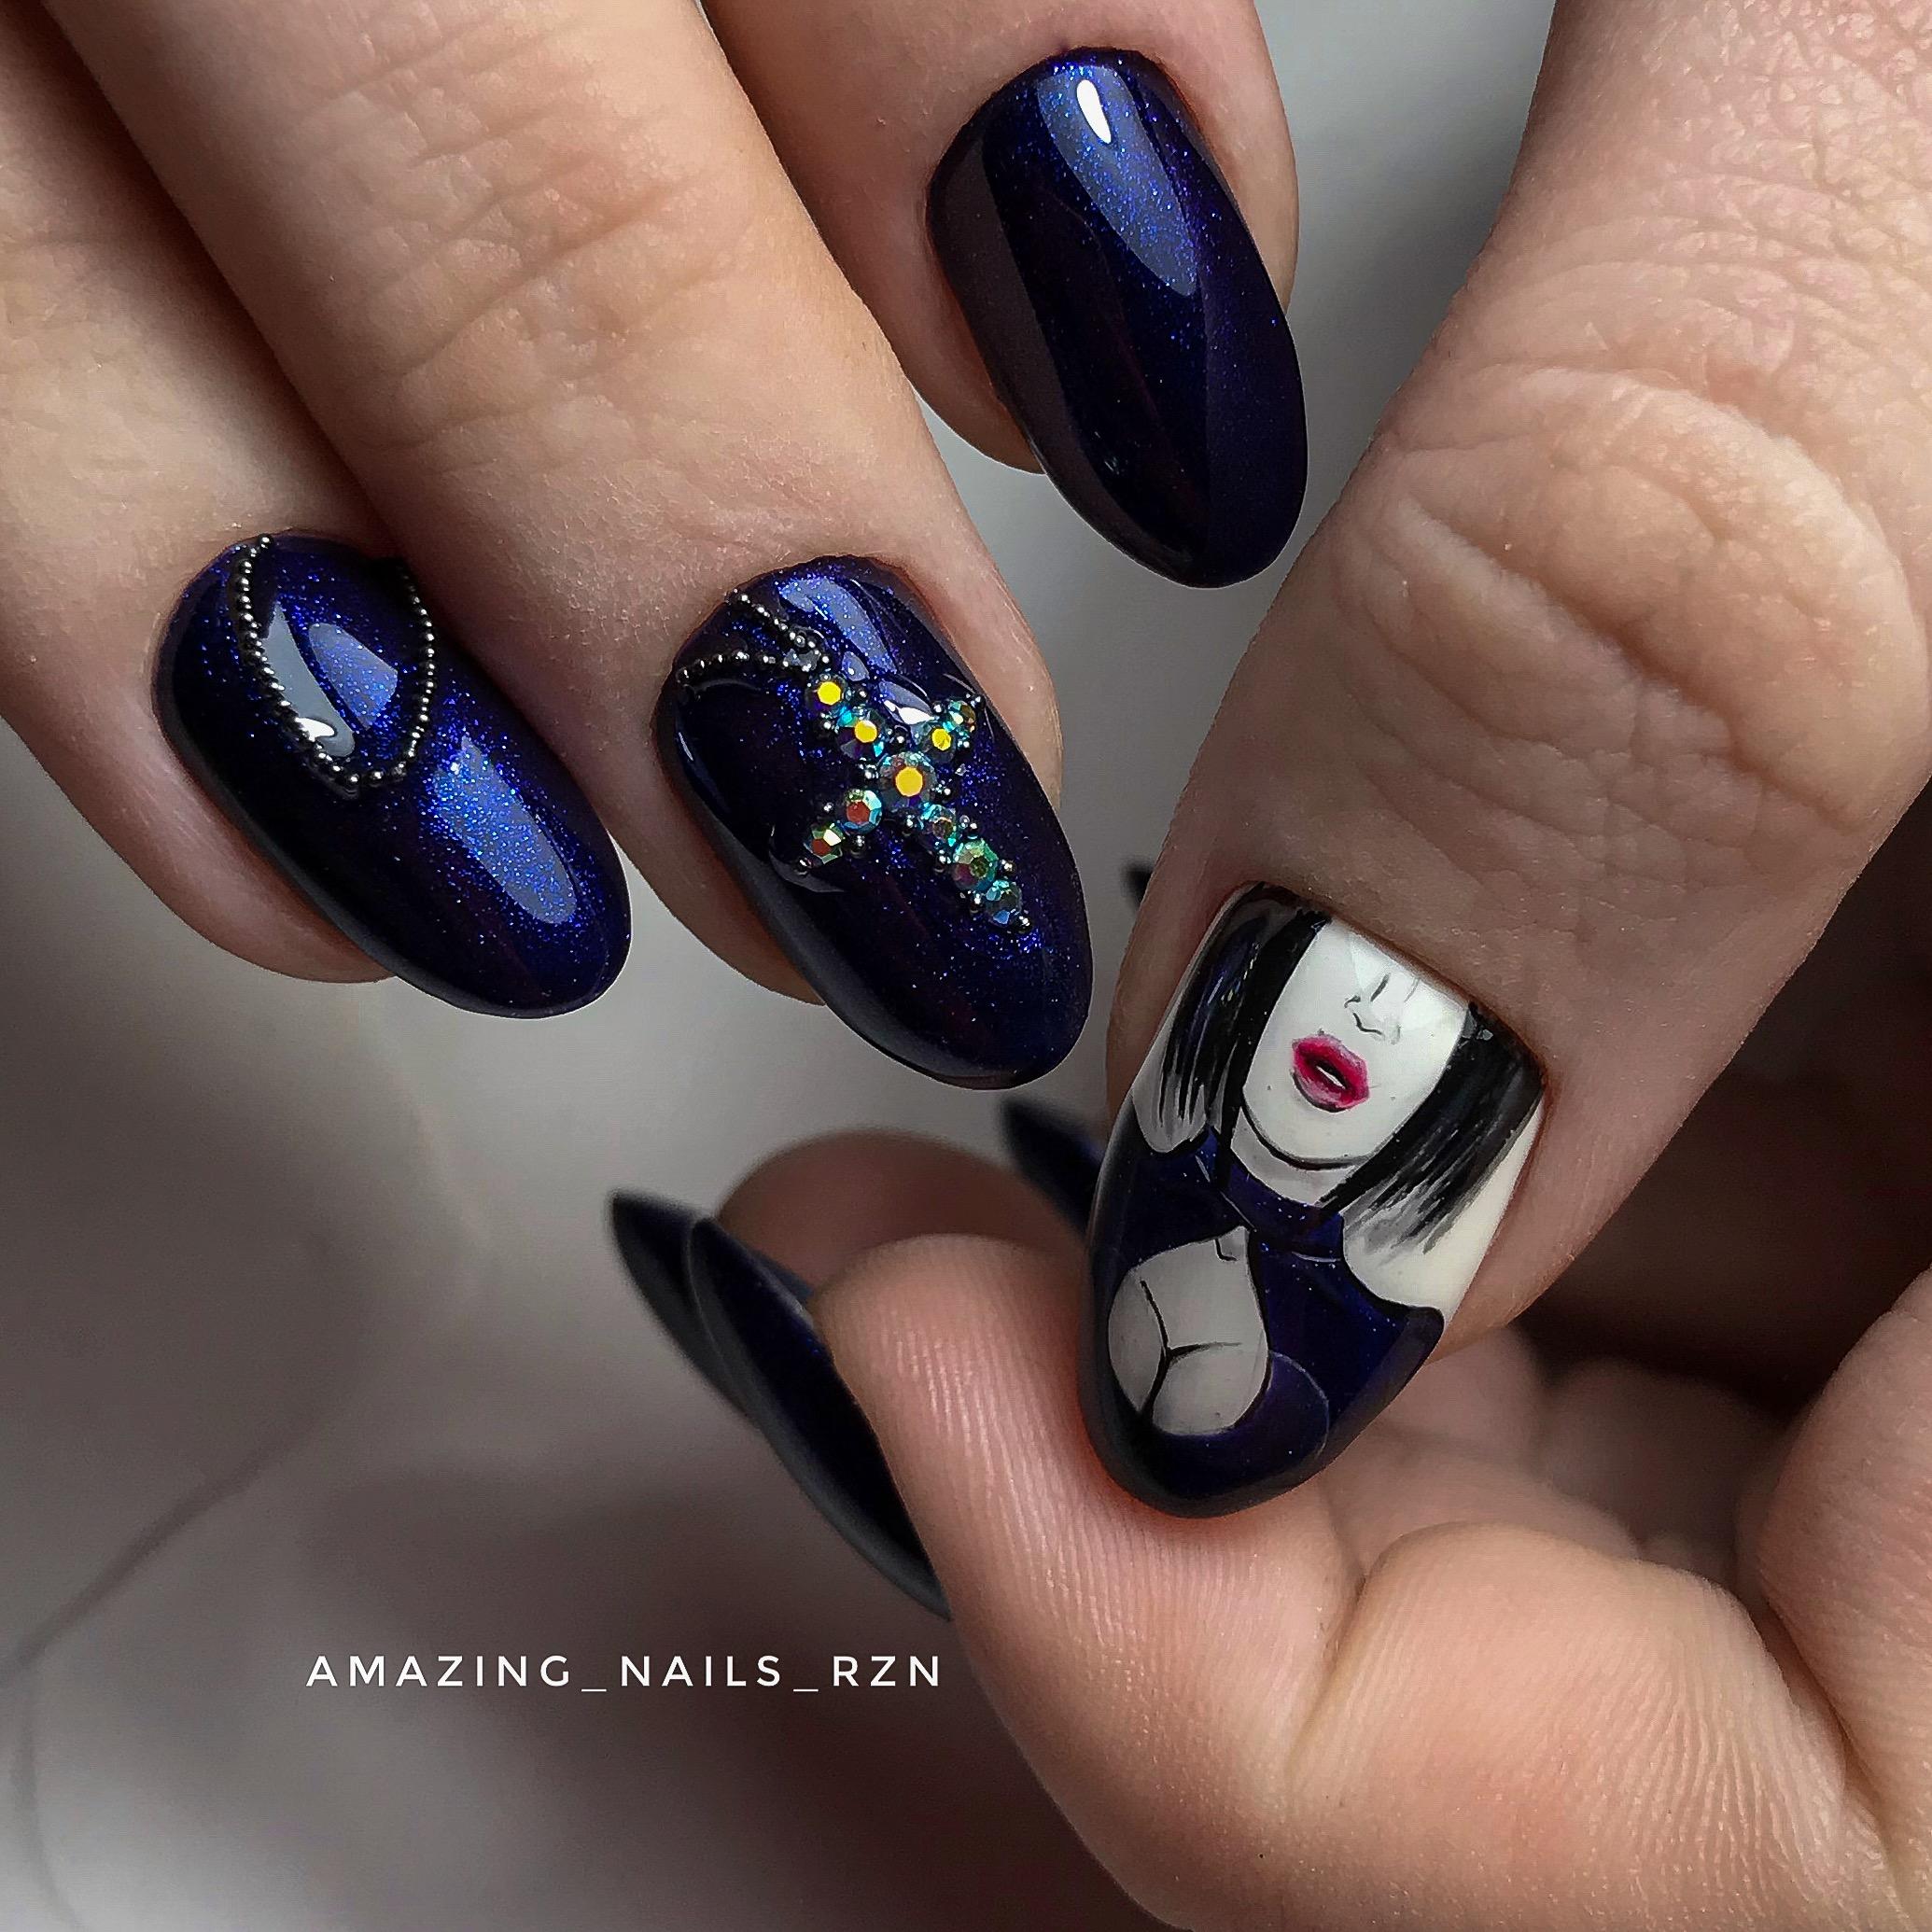 Маникюр в тёмно-синем цвете со стразами и рисунком.